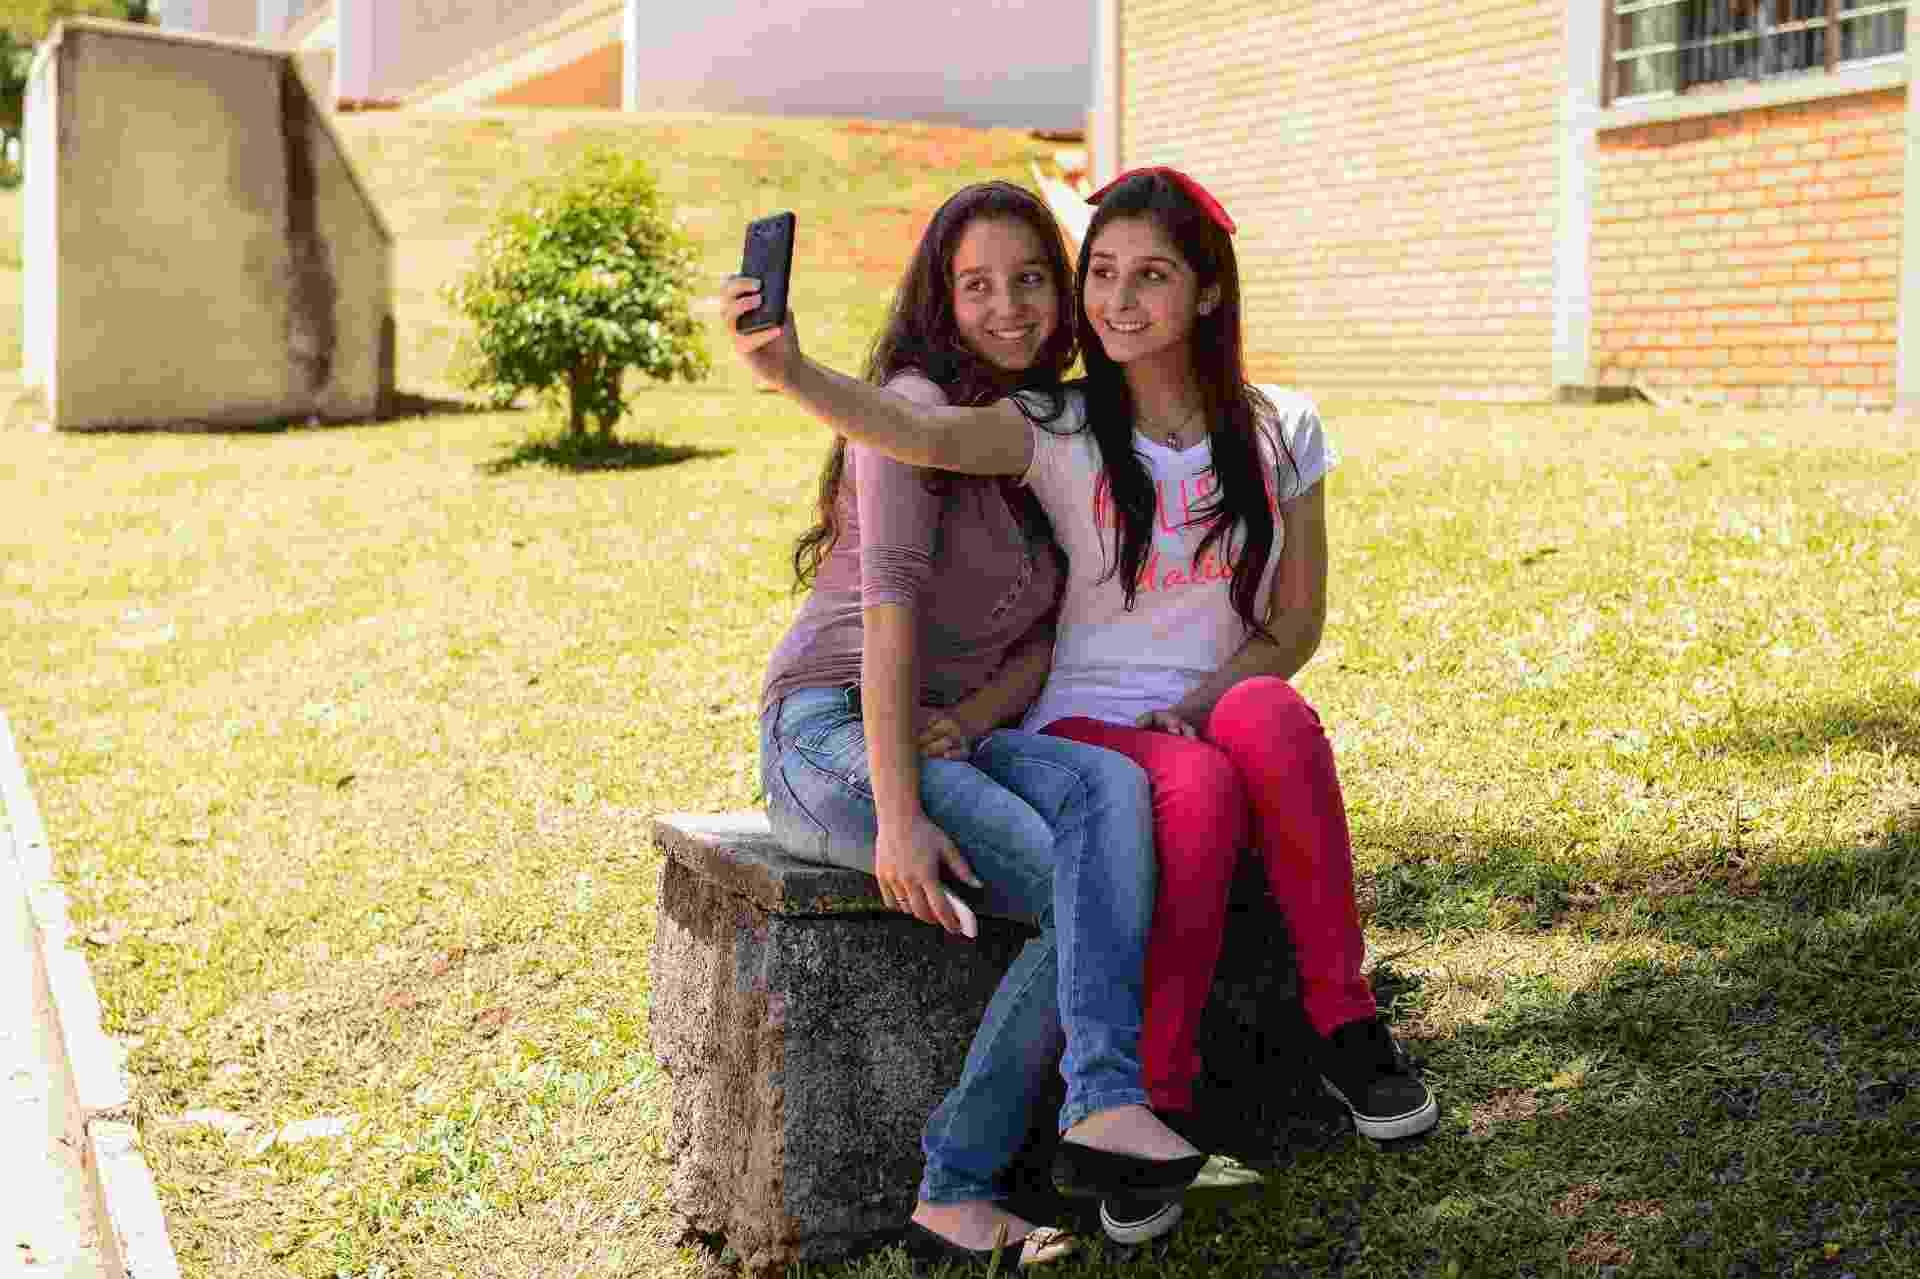 9.nov.2014 - Estudantes Mariana Mazoni, 16 anos e Marcela Firmino 16 anos, aguardam o inicio das provas fazendo selfie - Lucas Pontes/UOL